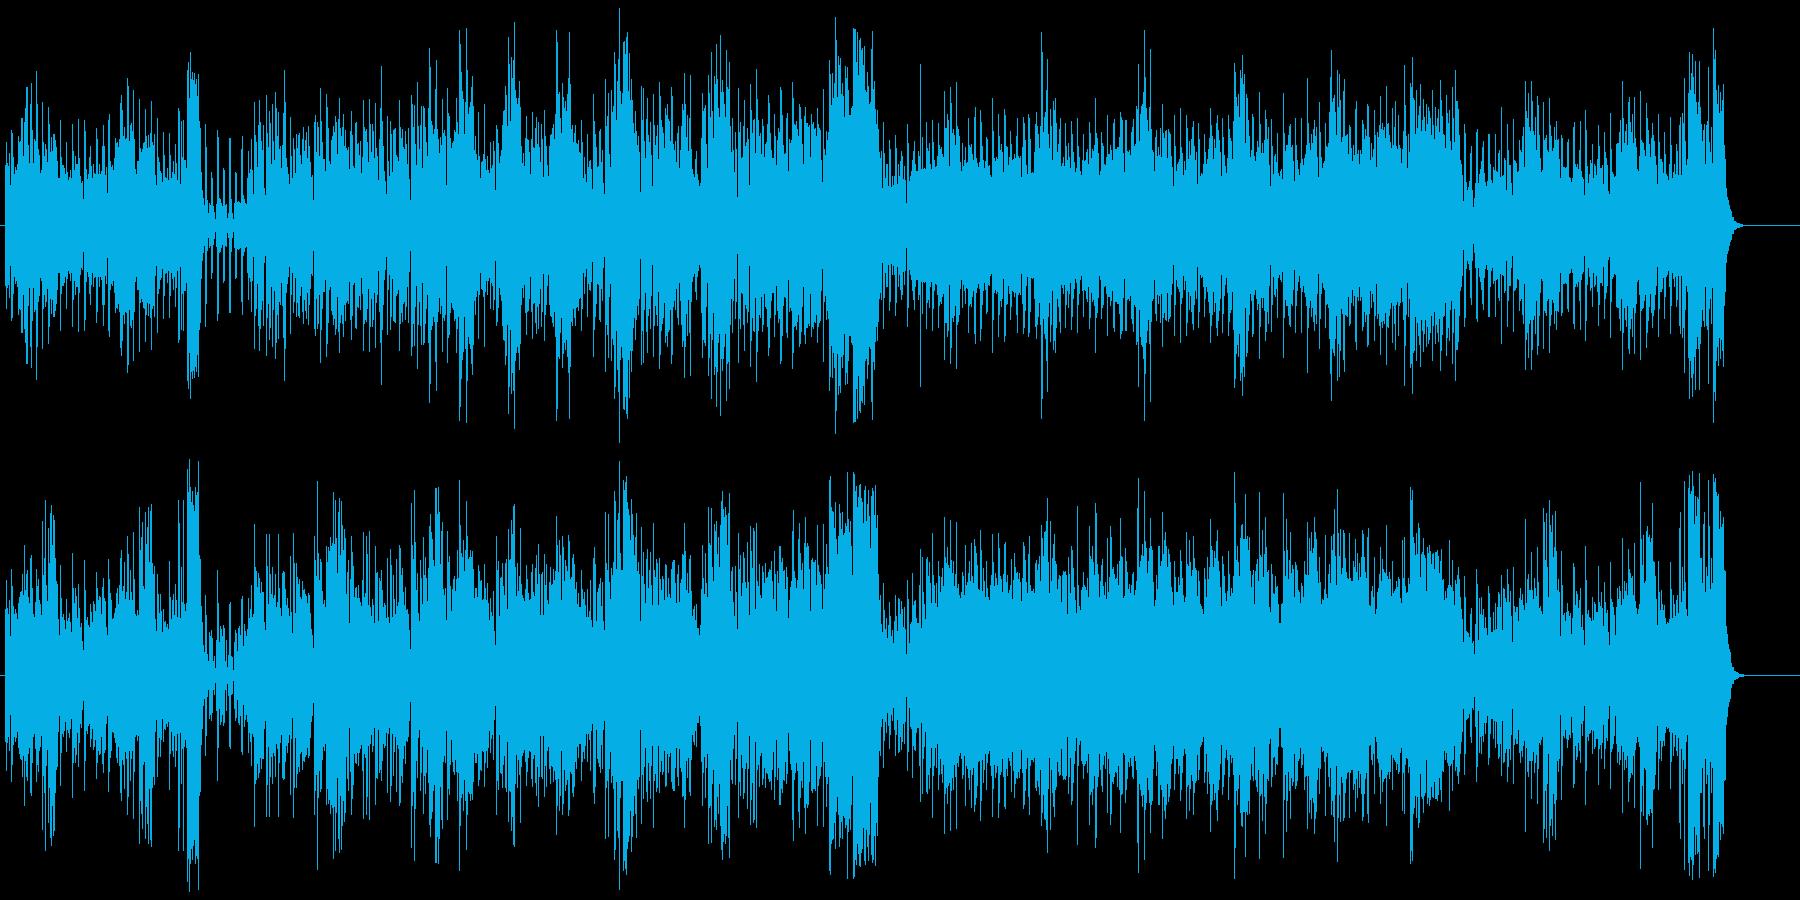 「うきうき」を絵に描いた様なポップの再生済みの波形